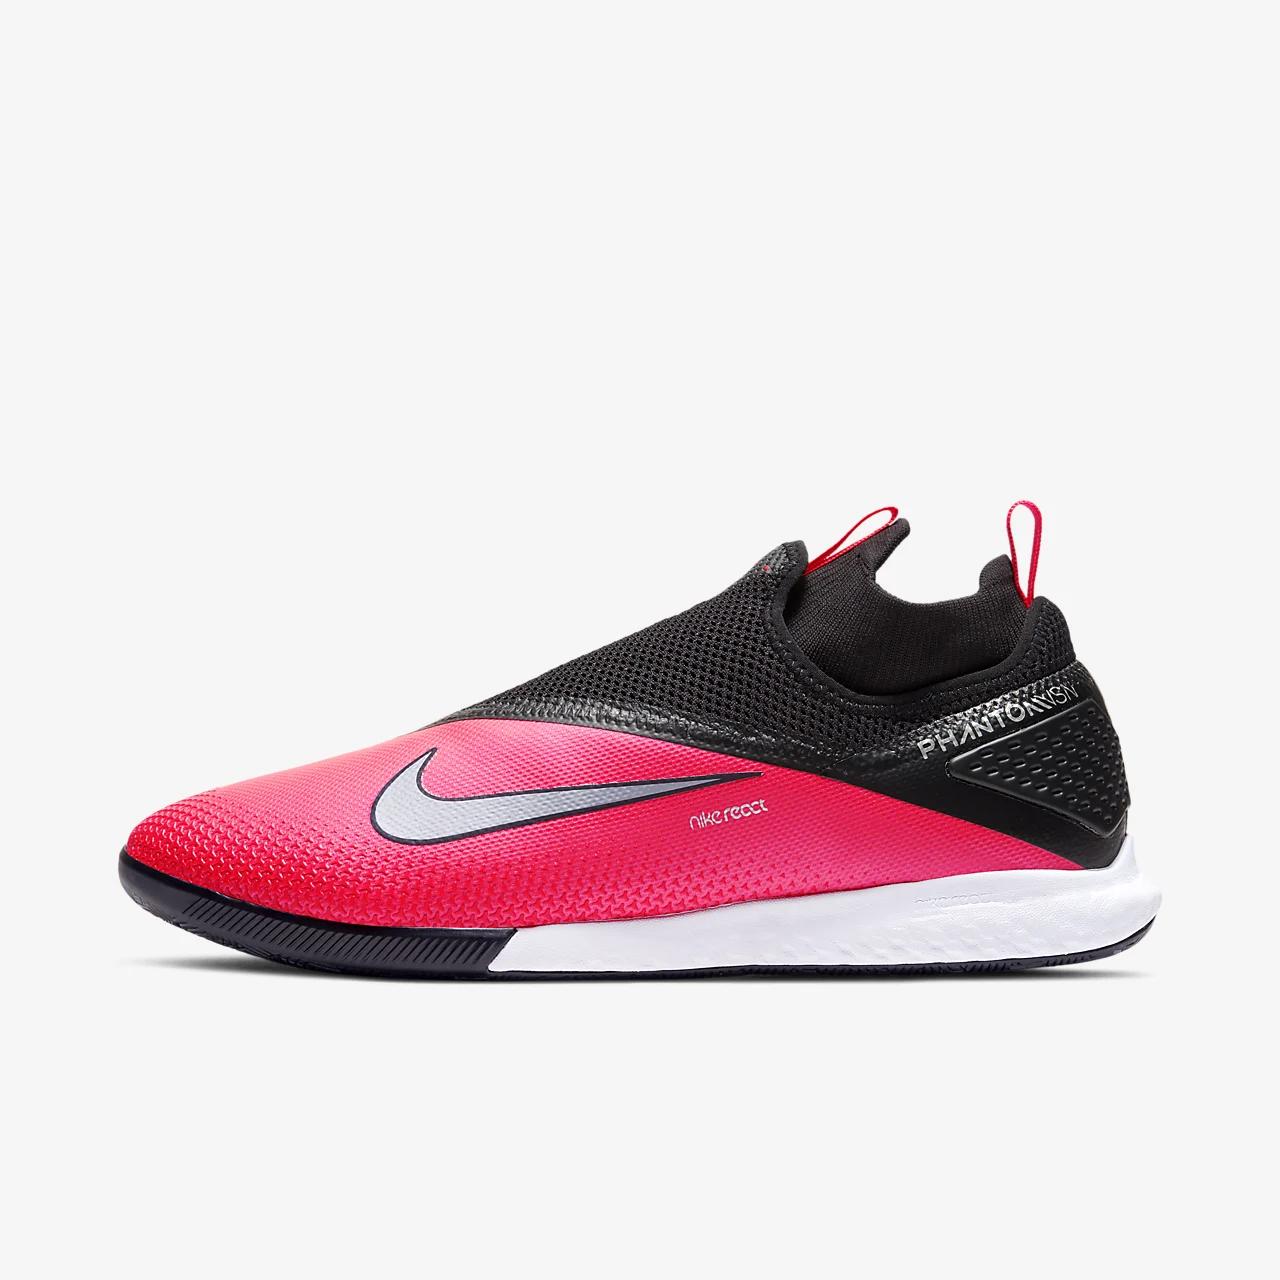 유럽직배송 나이키 NIKE Nike React Phantom Vision 2 Pro Dynamic Fit IC Indoor/Court Football Shoe CD4170-606